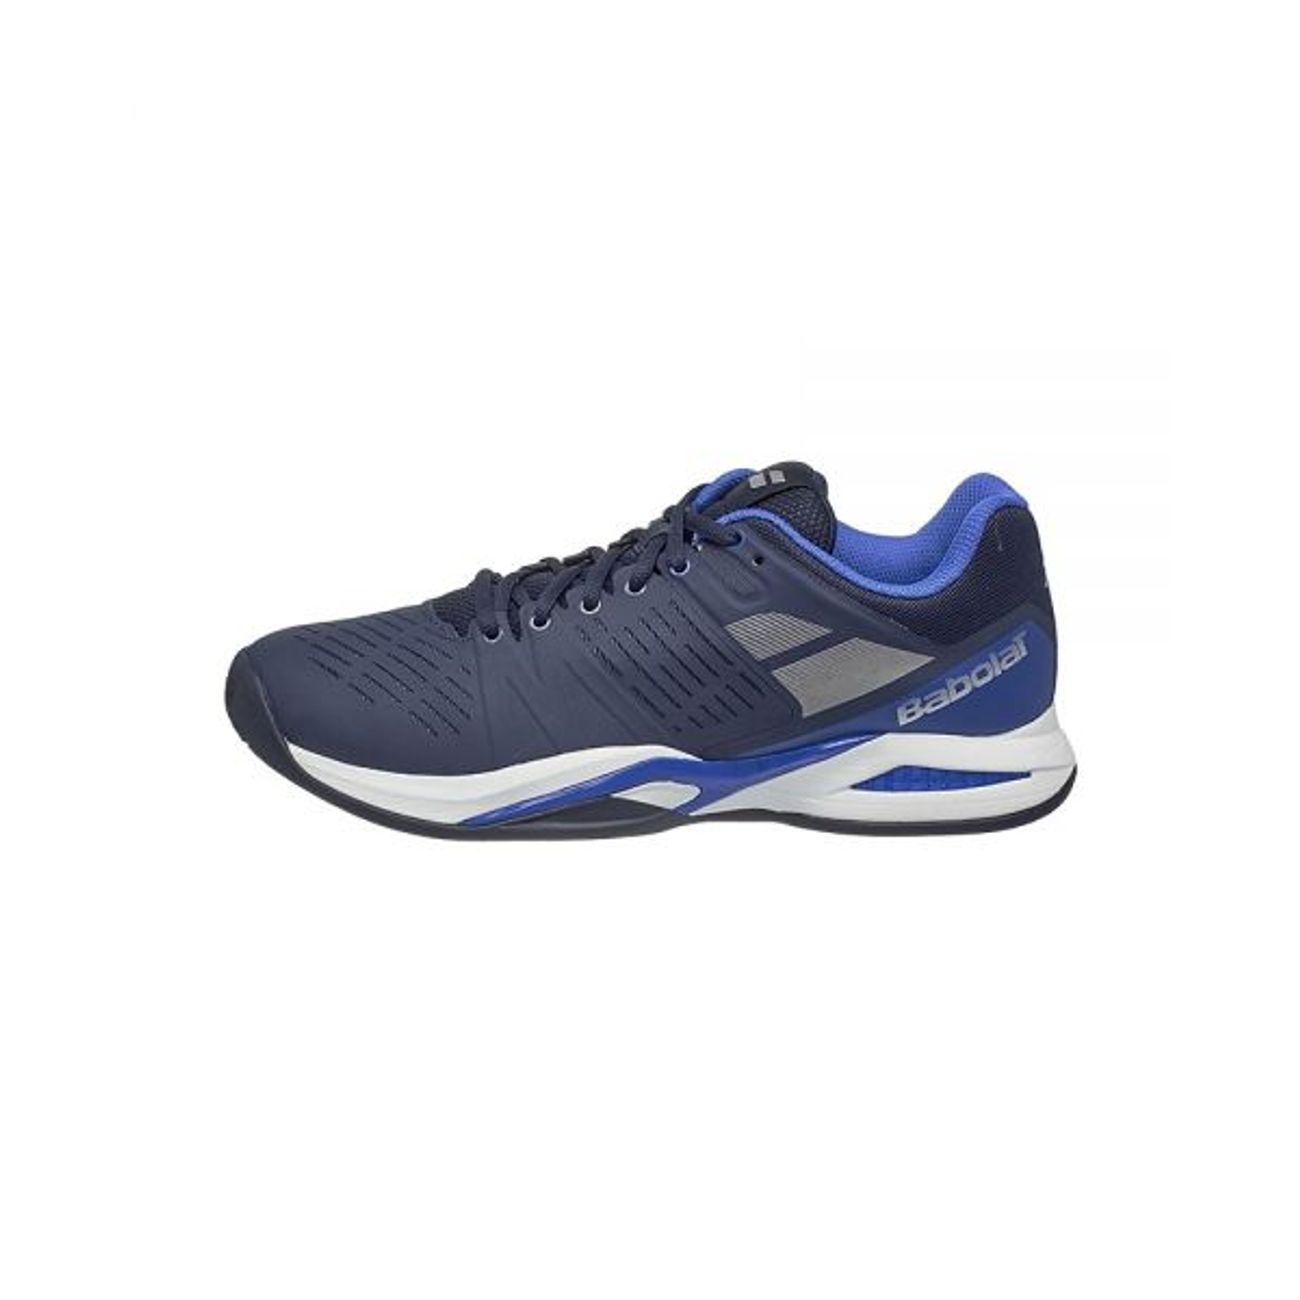 Babolat - Propulse Team Clay chaussures de tennis pour hommes (bleu foncé/blanc) - EU 47 - UK 12 lAGMUiWfI